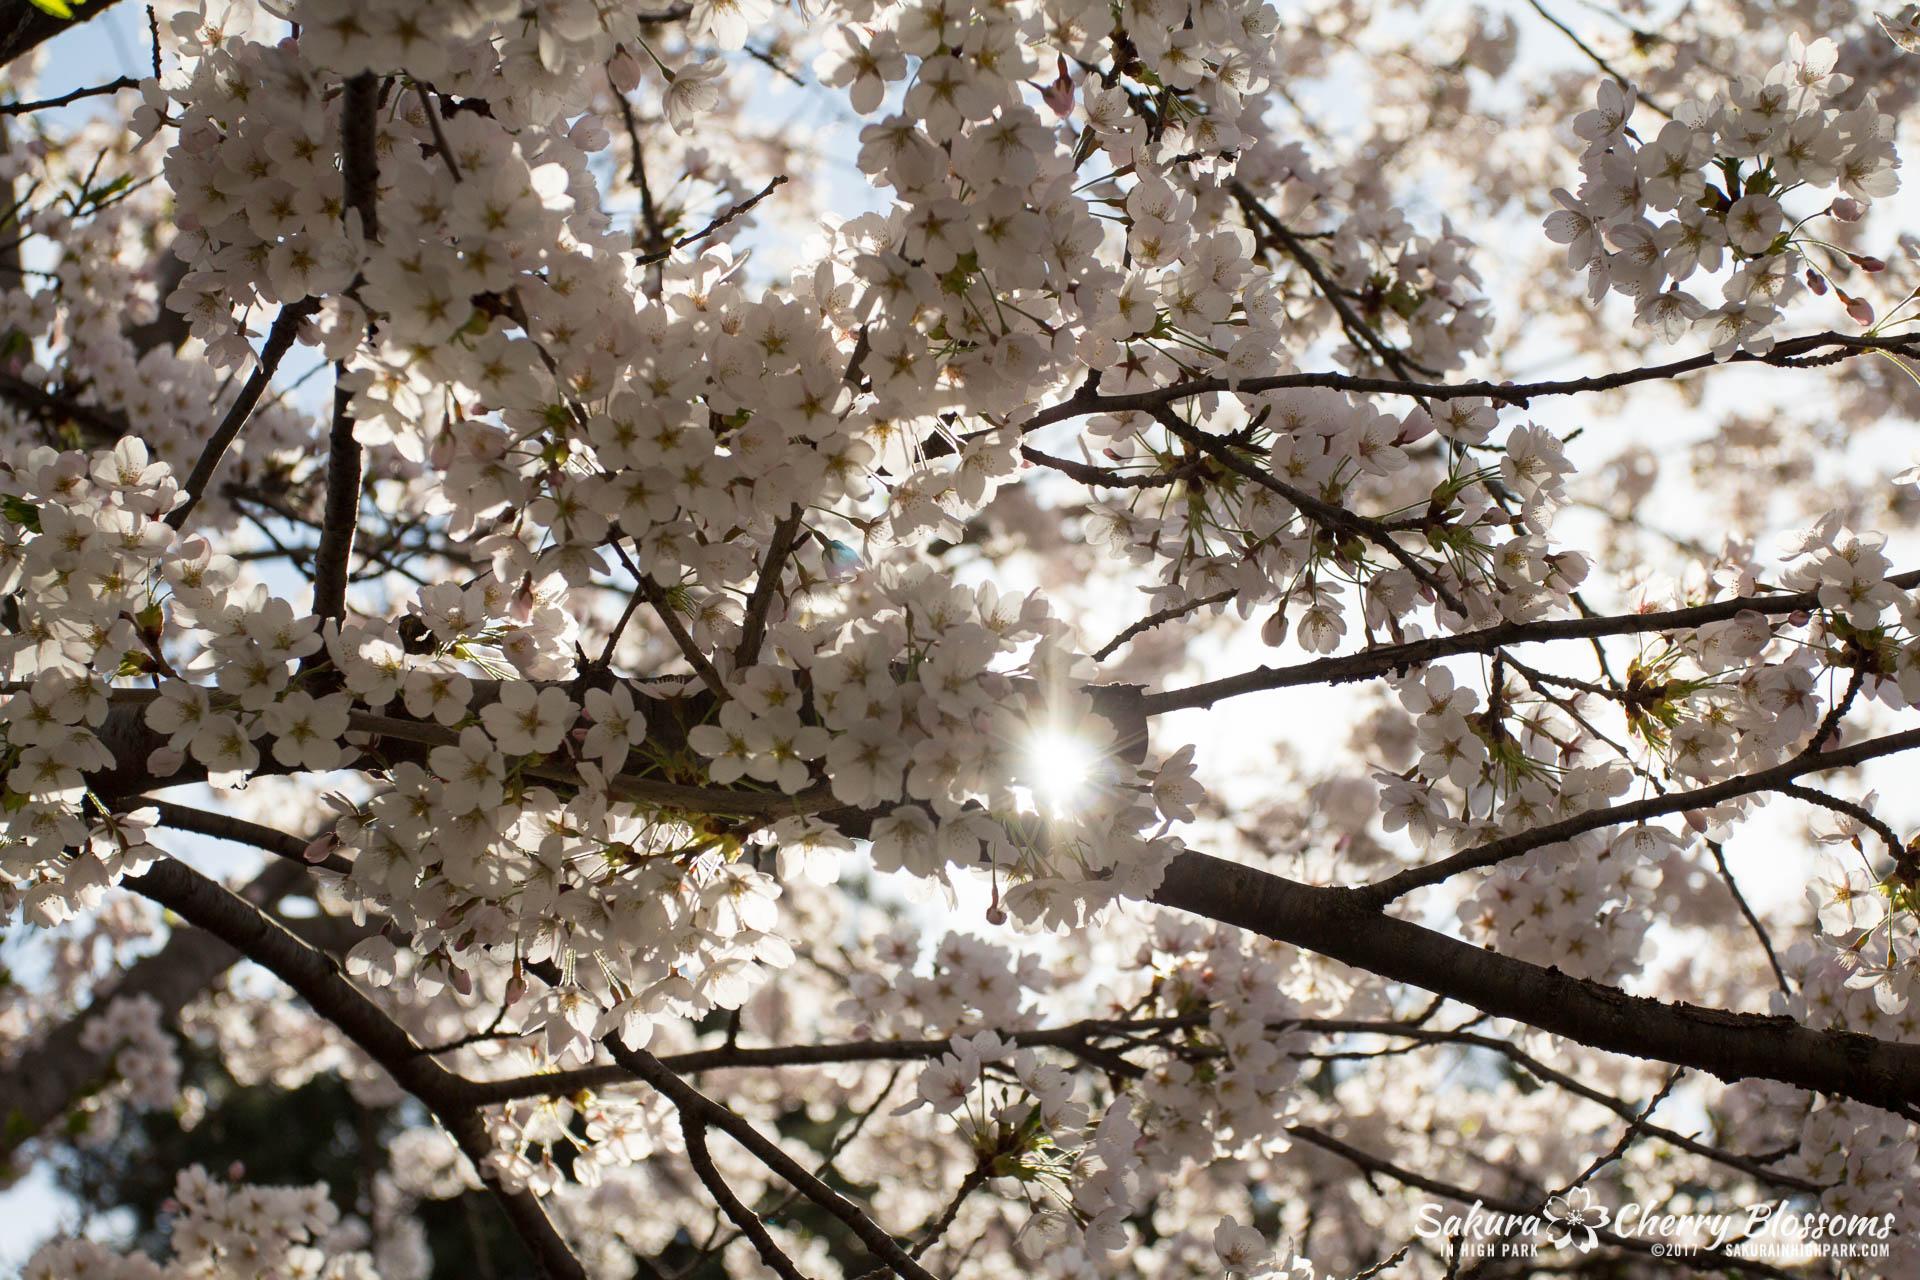 Sakura-Watch-April-28-2017-full-bloom-throughout-High-Park-5614.jpg